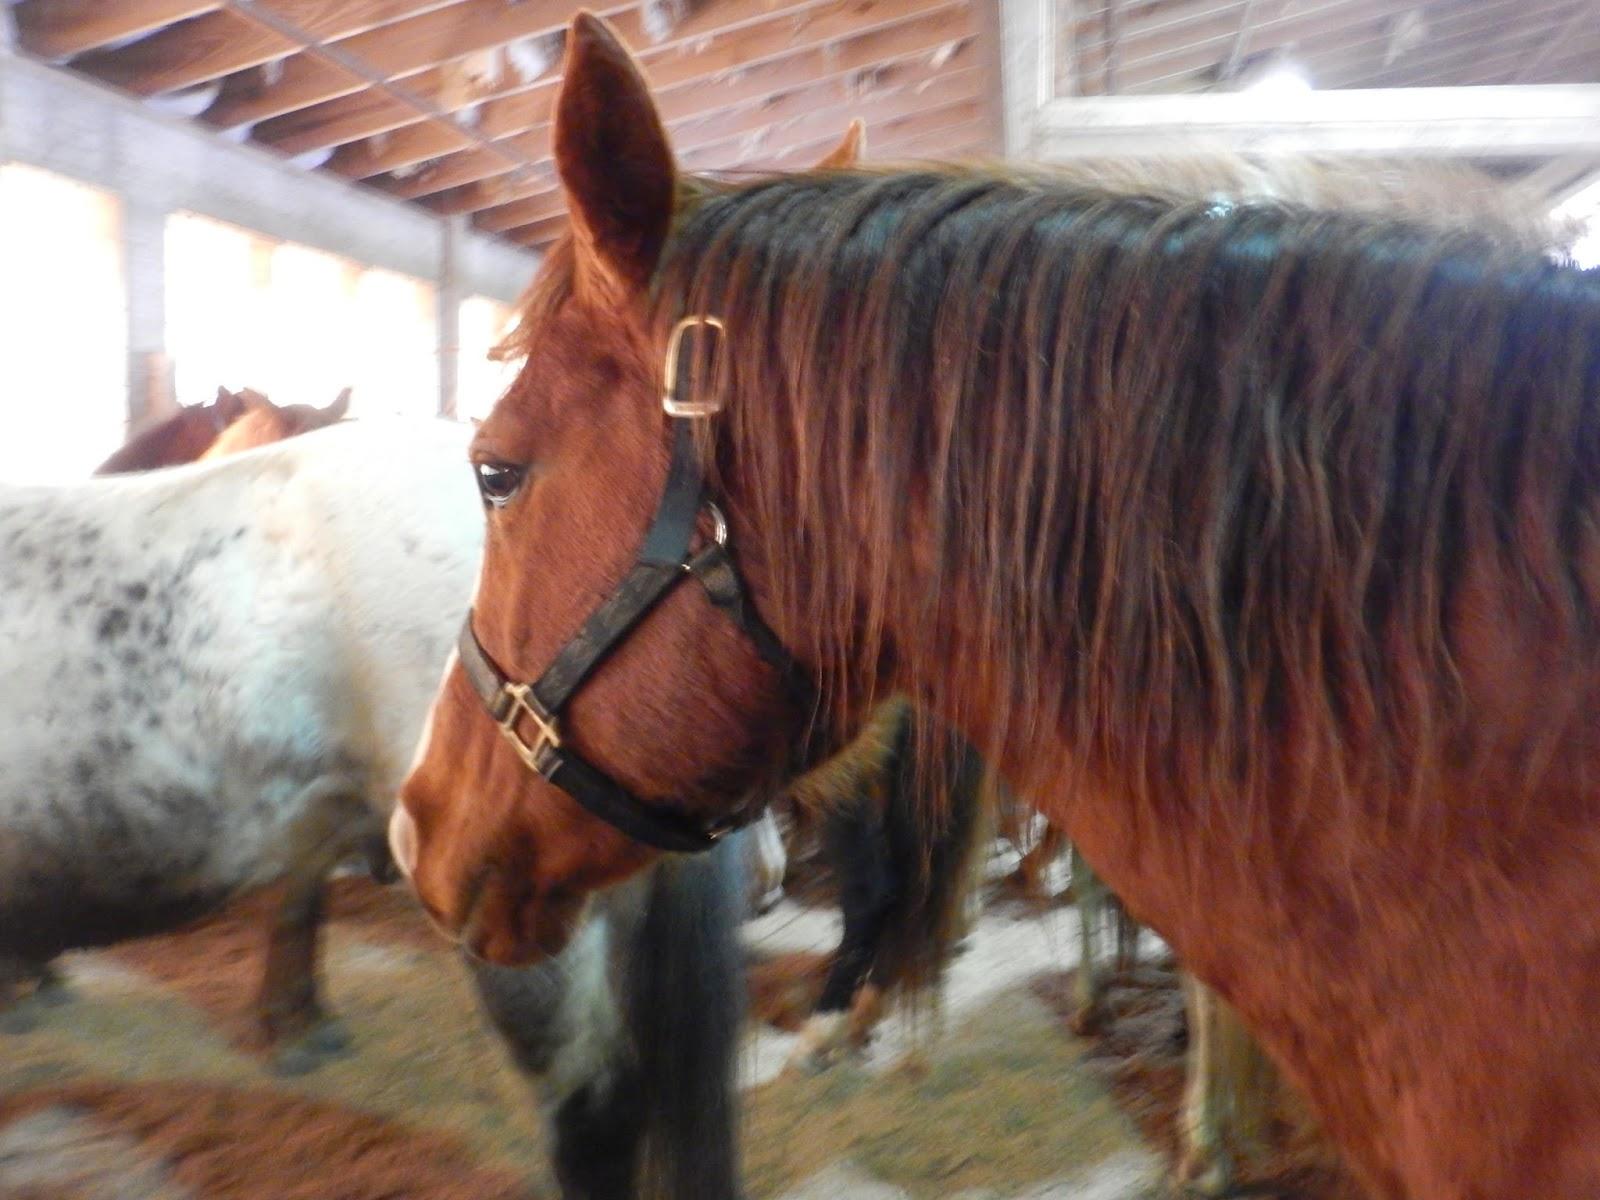 Good   Wallpaper Horse Flicka - DSCN1008%5B1%5D  Image_1285.JPG